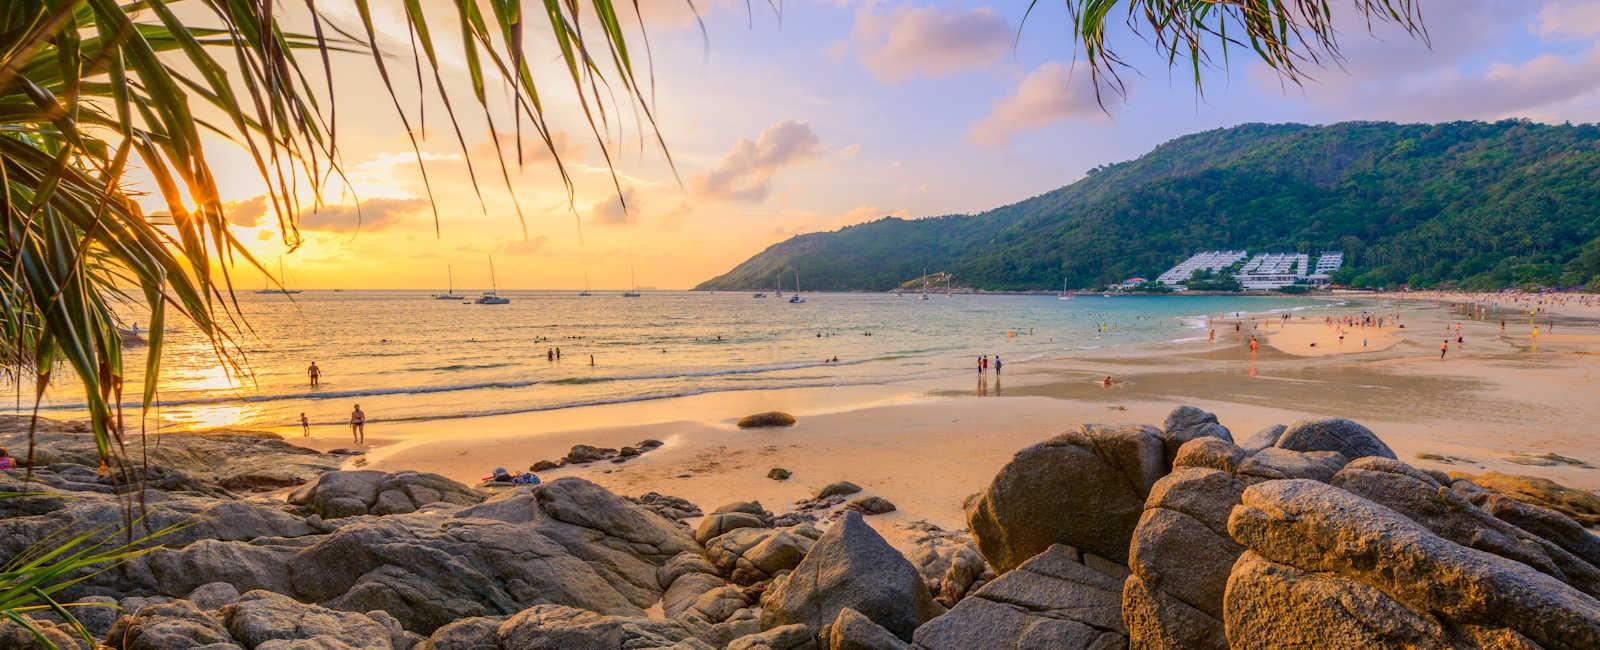 Luxury Phuket Holidays